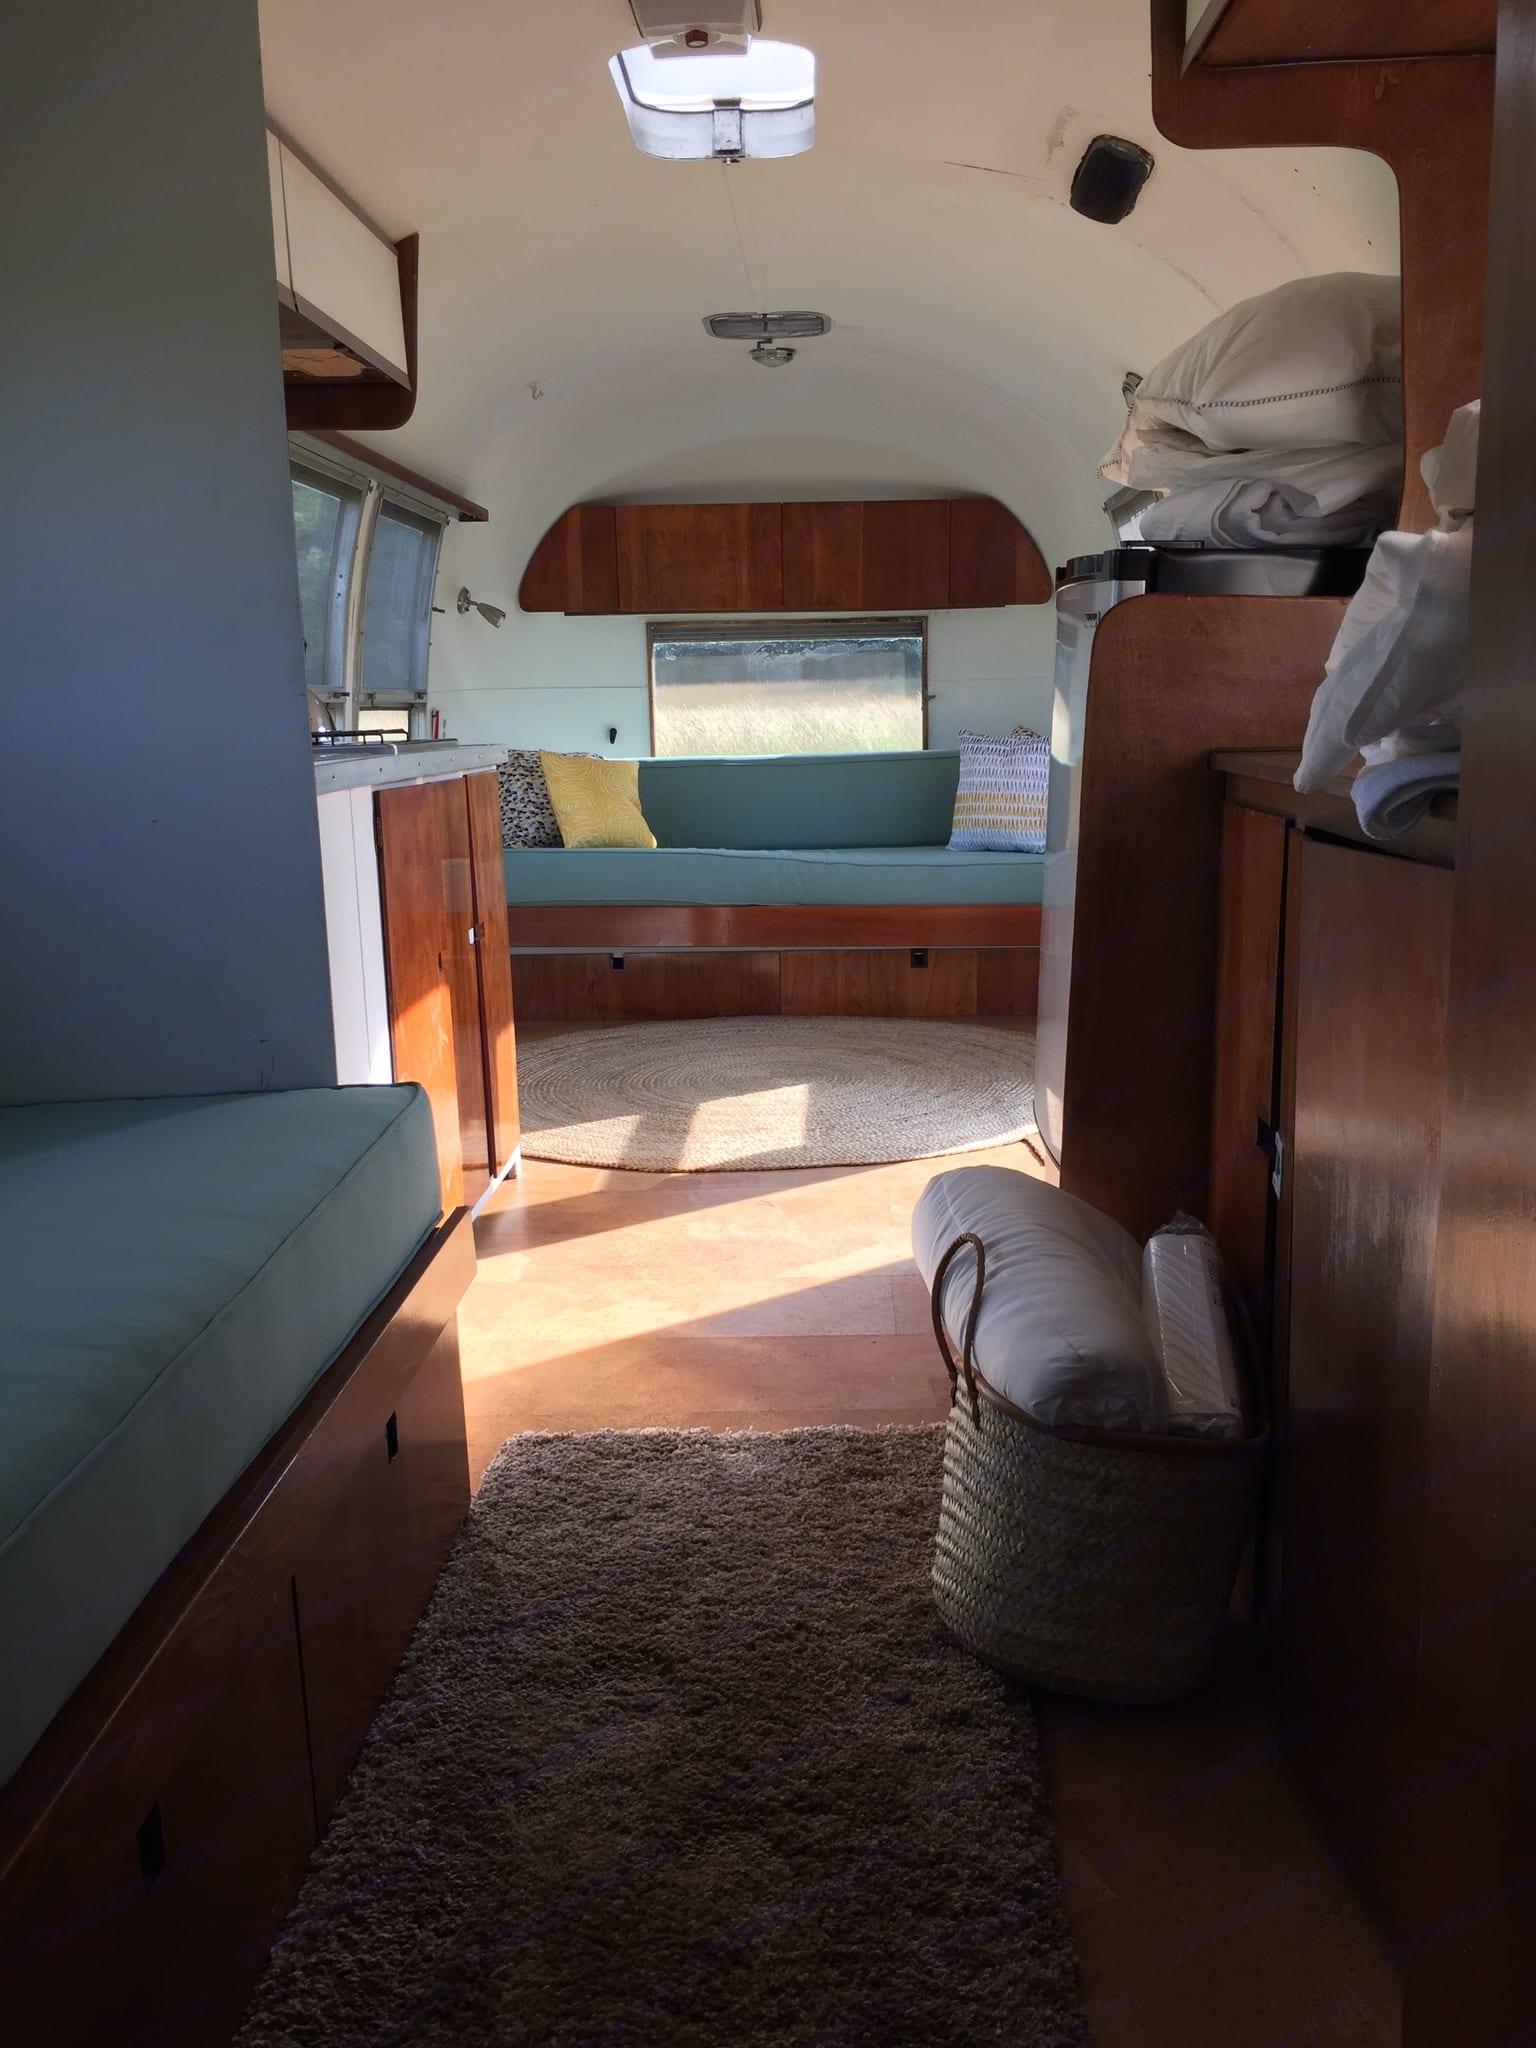 Airstream Ambassador 1969